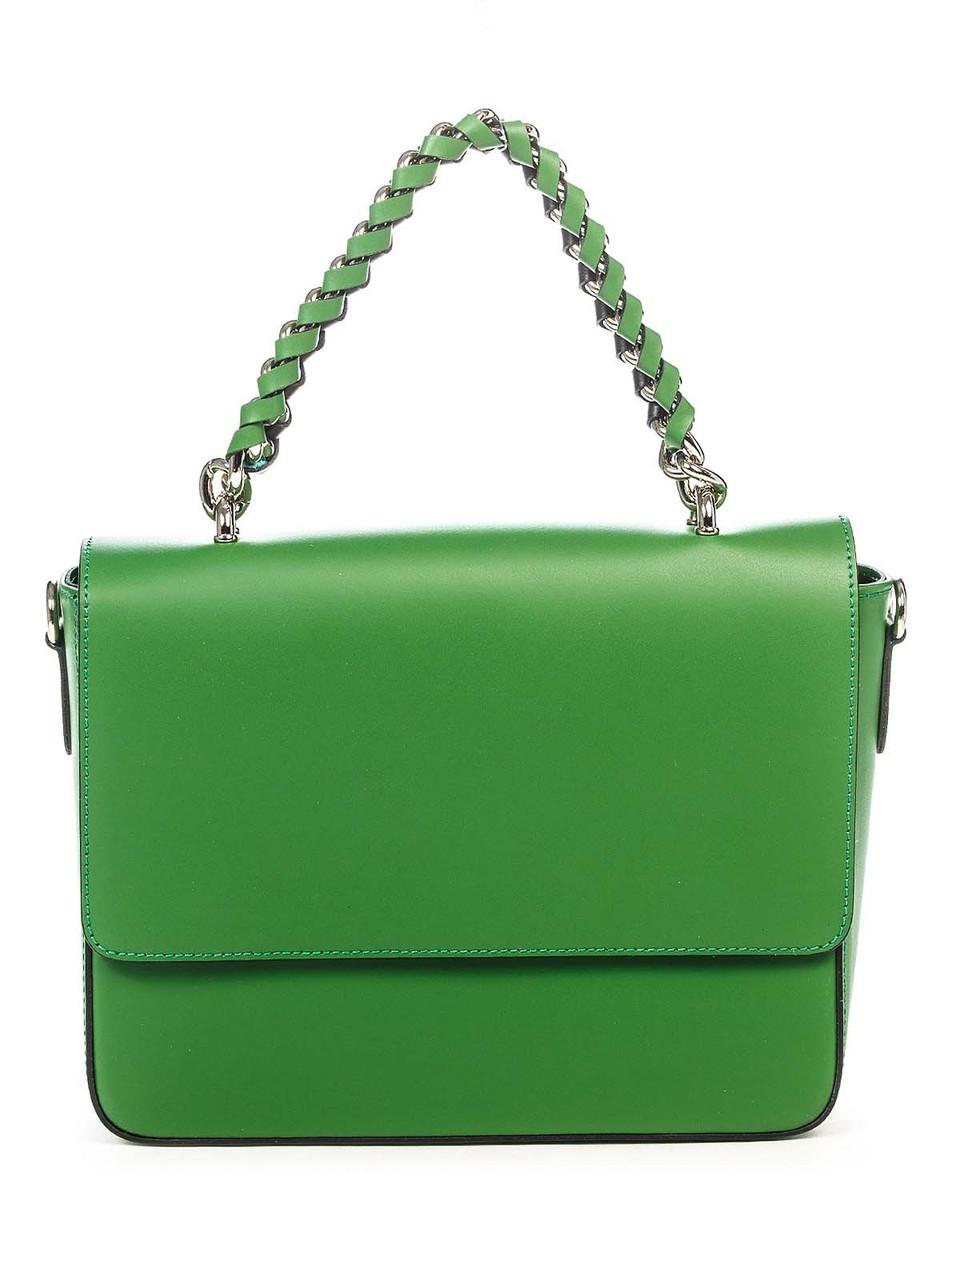 d228d8110c2b Кожаная сумка Italian Bags Клатч Italian Bags 8504_green Кожаный Зеленый